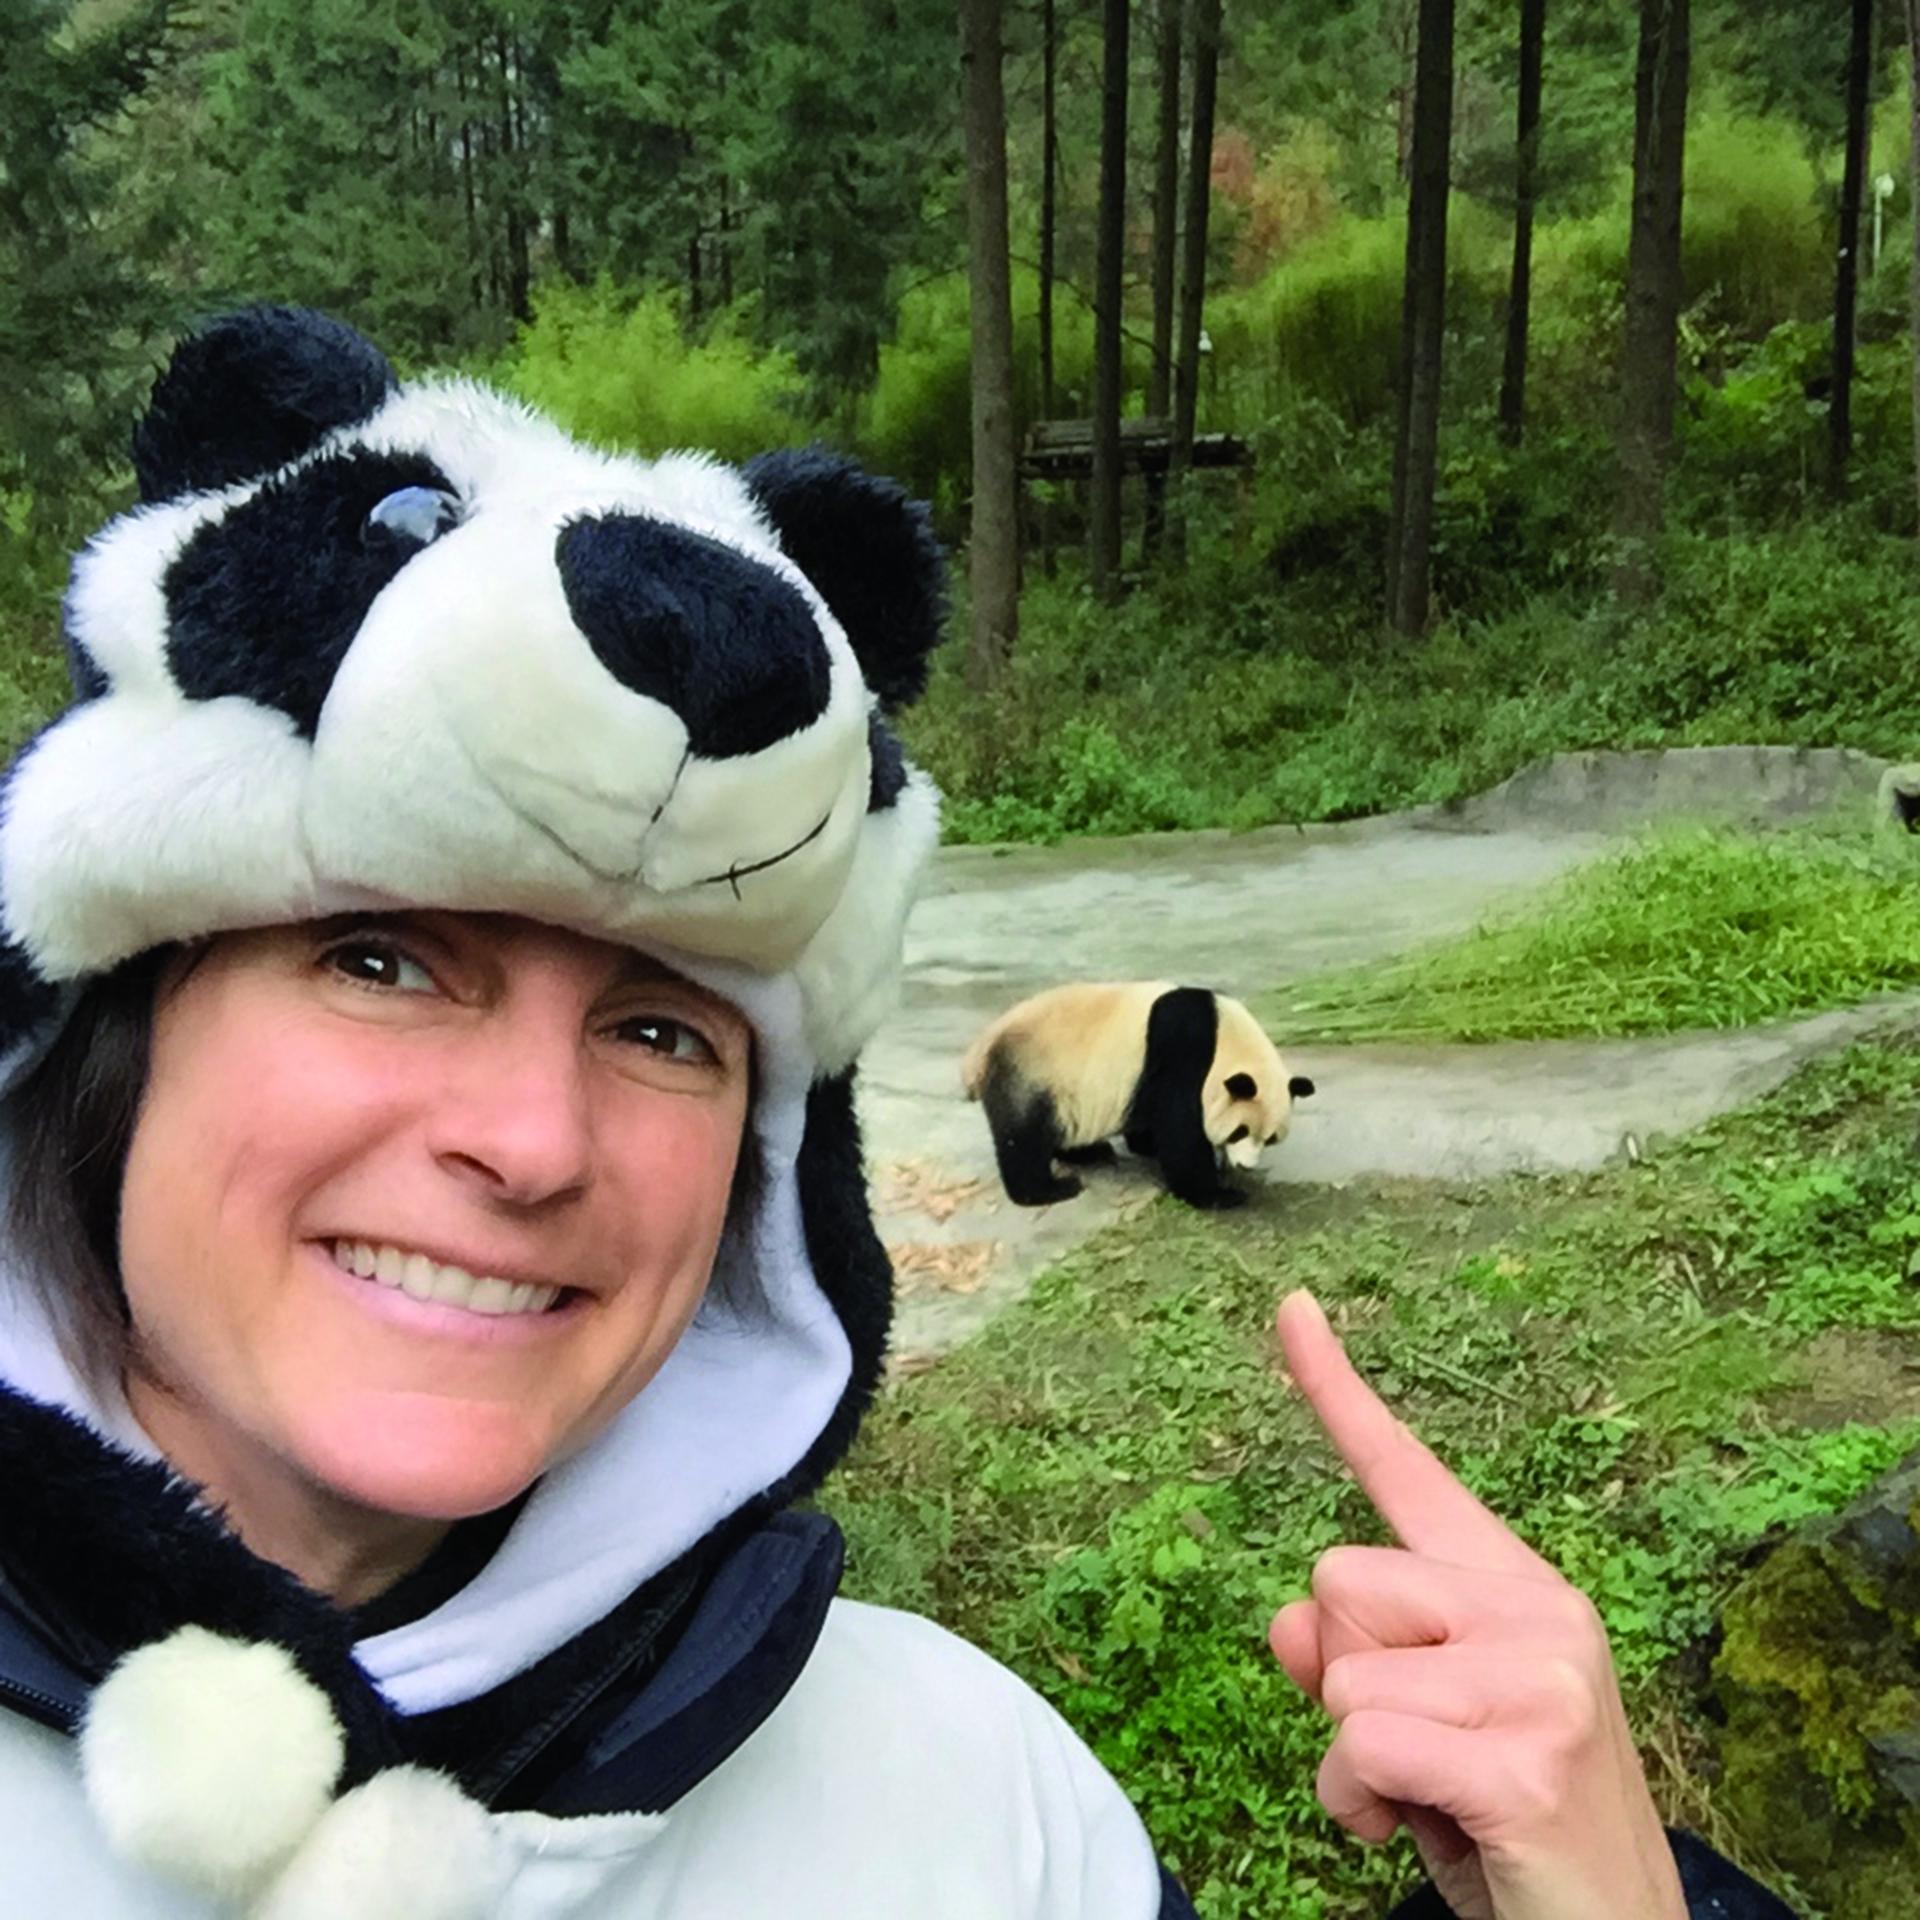 艾美.維塔利在中國四川省的貓熊研究中心。攝影:艾美.維塔利